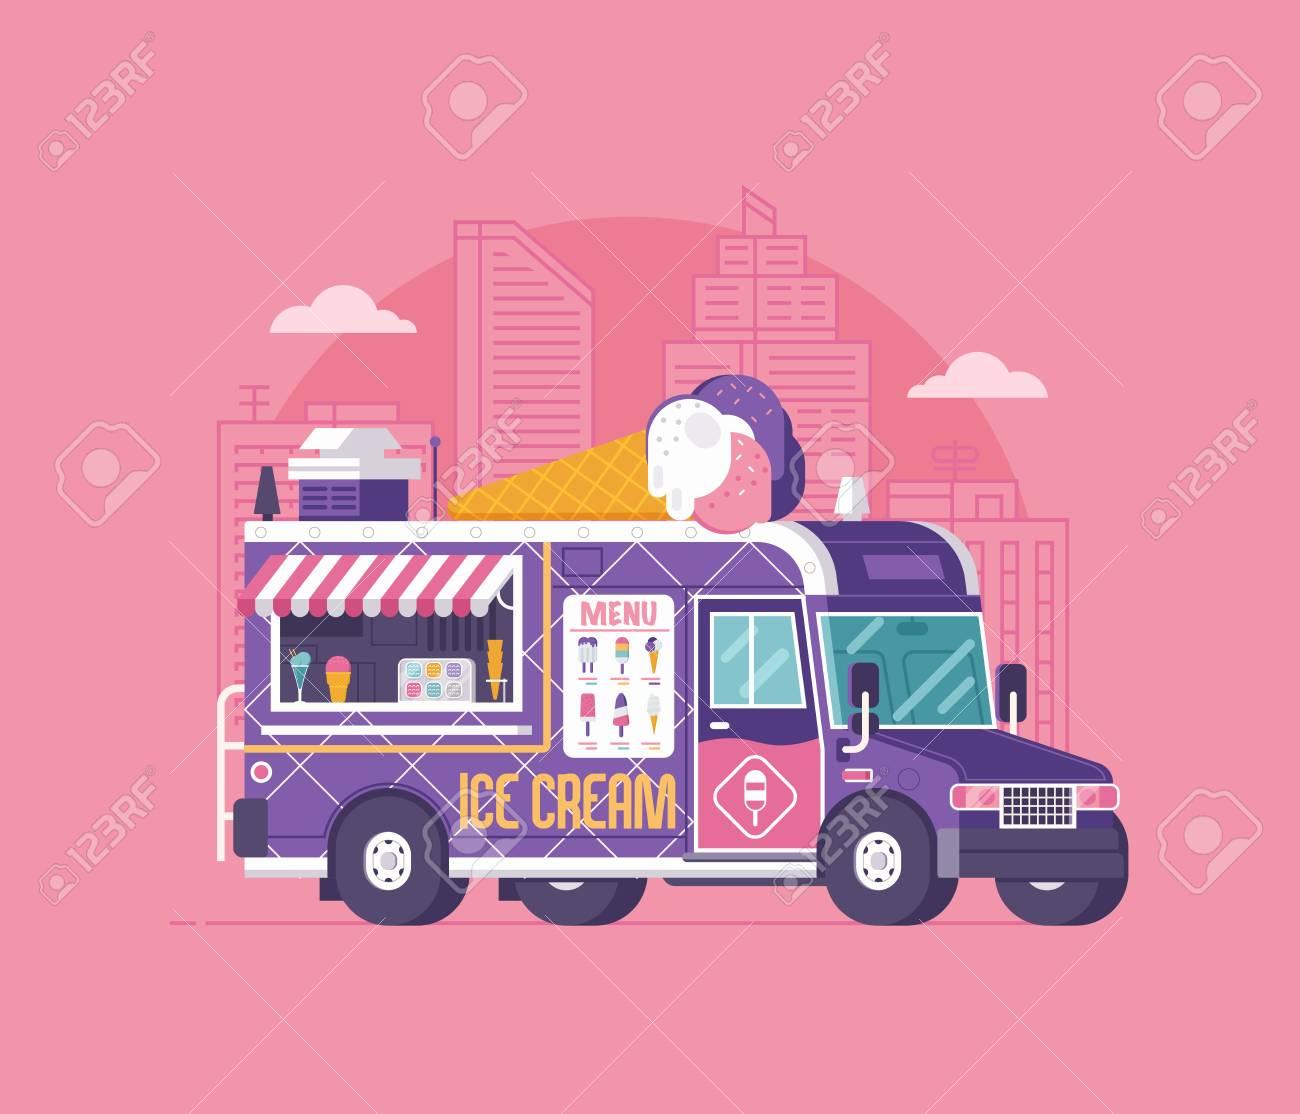 summer kitchen auto kiosk vector illustration cartoon ice cream truck illustration vintage cartoon minivan with frozen sweets - Summer Kitchen Menu